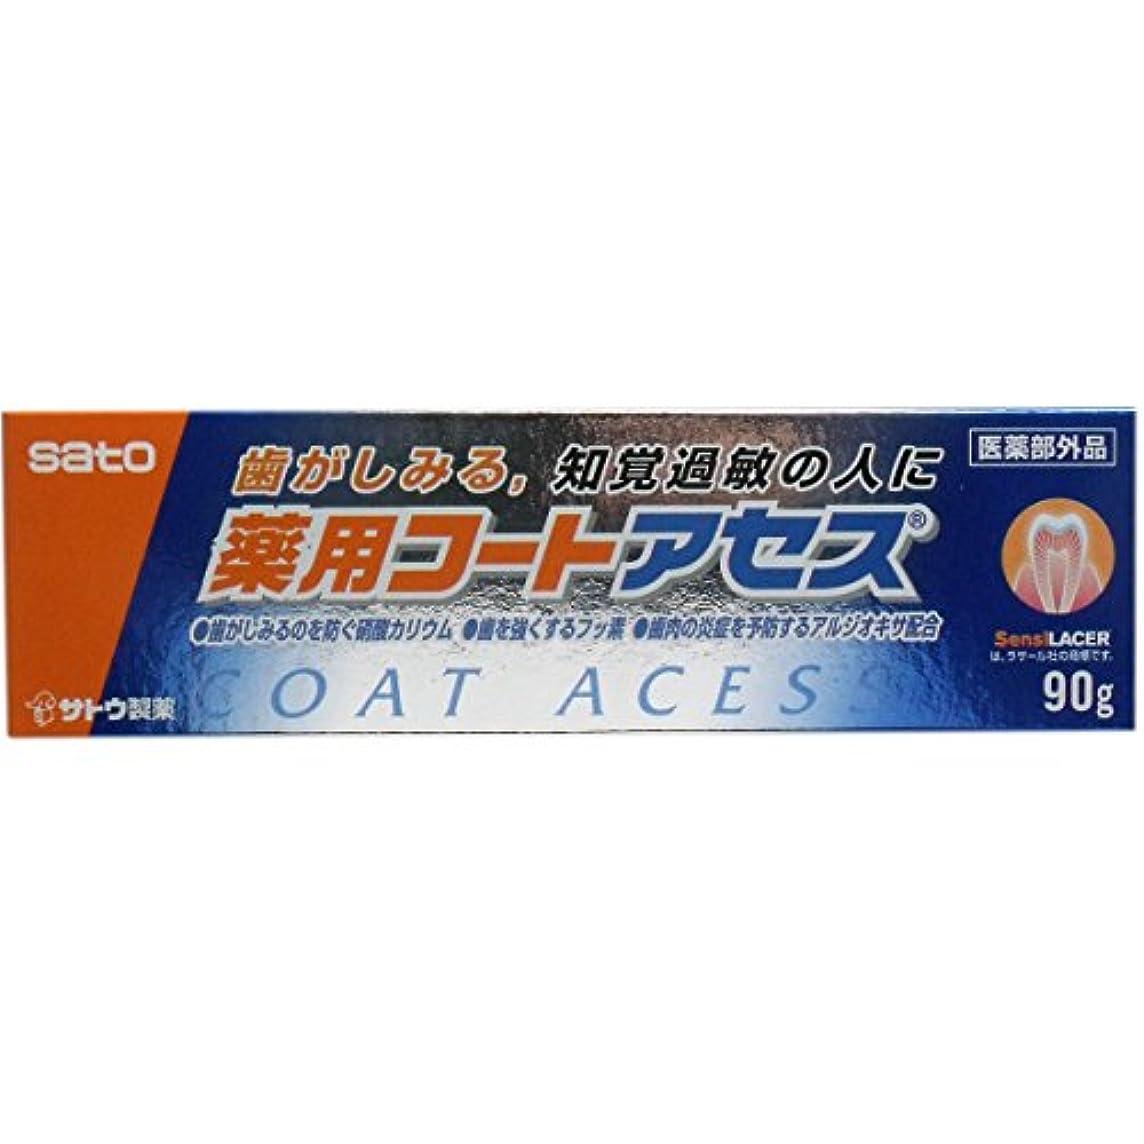 サトウ製薬 薬用コートアセス 薬用歯みがき 90g ×8個セット